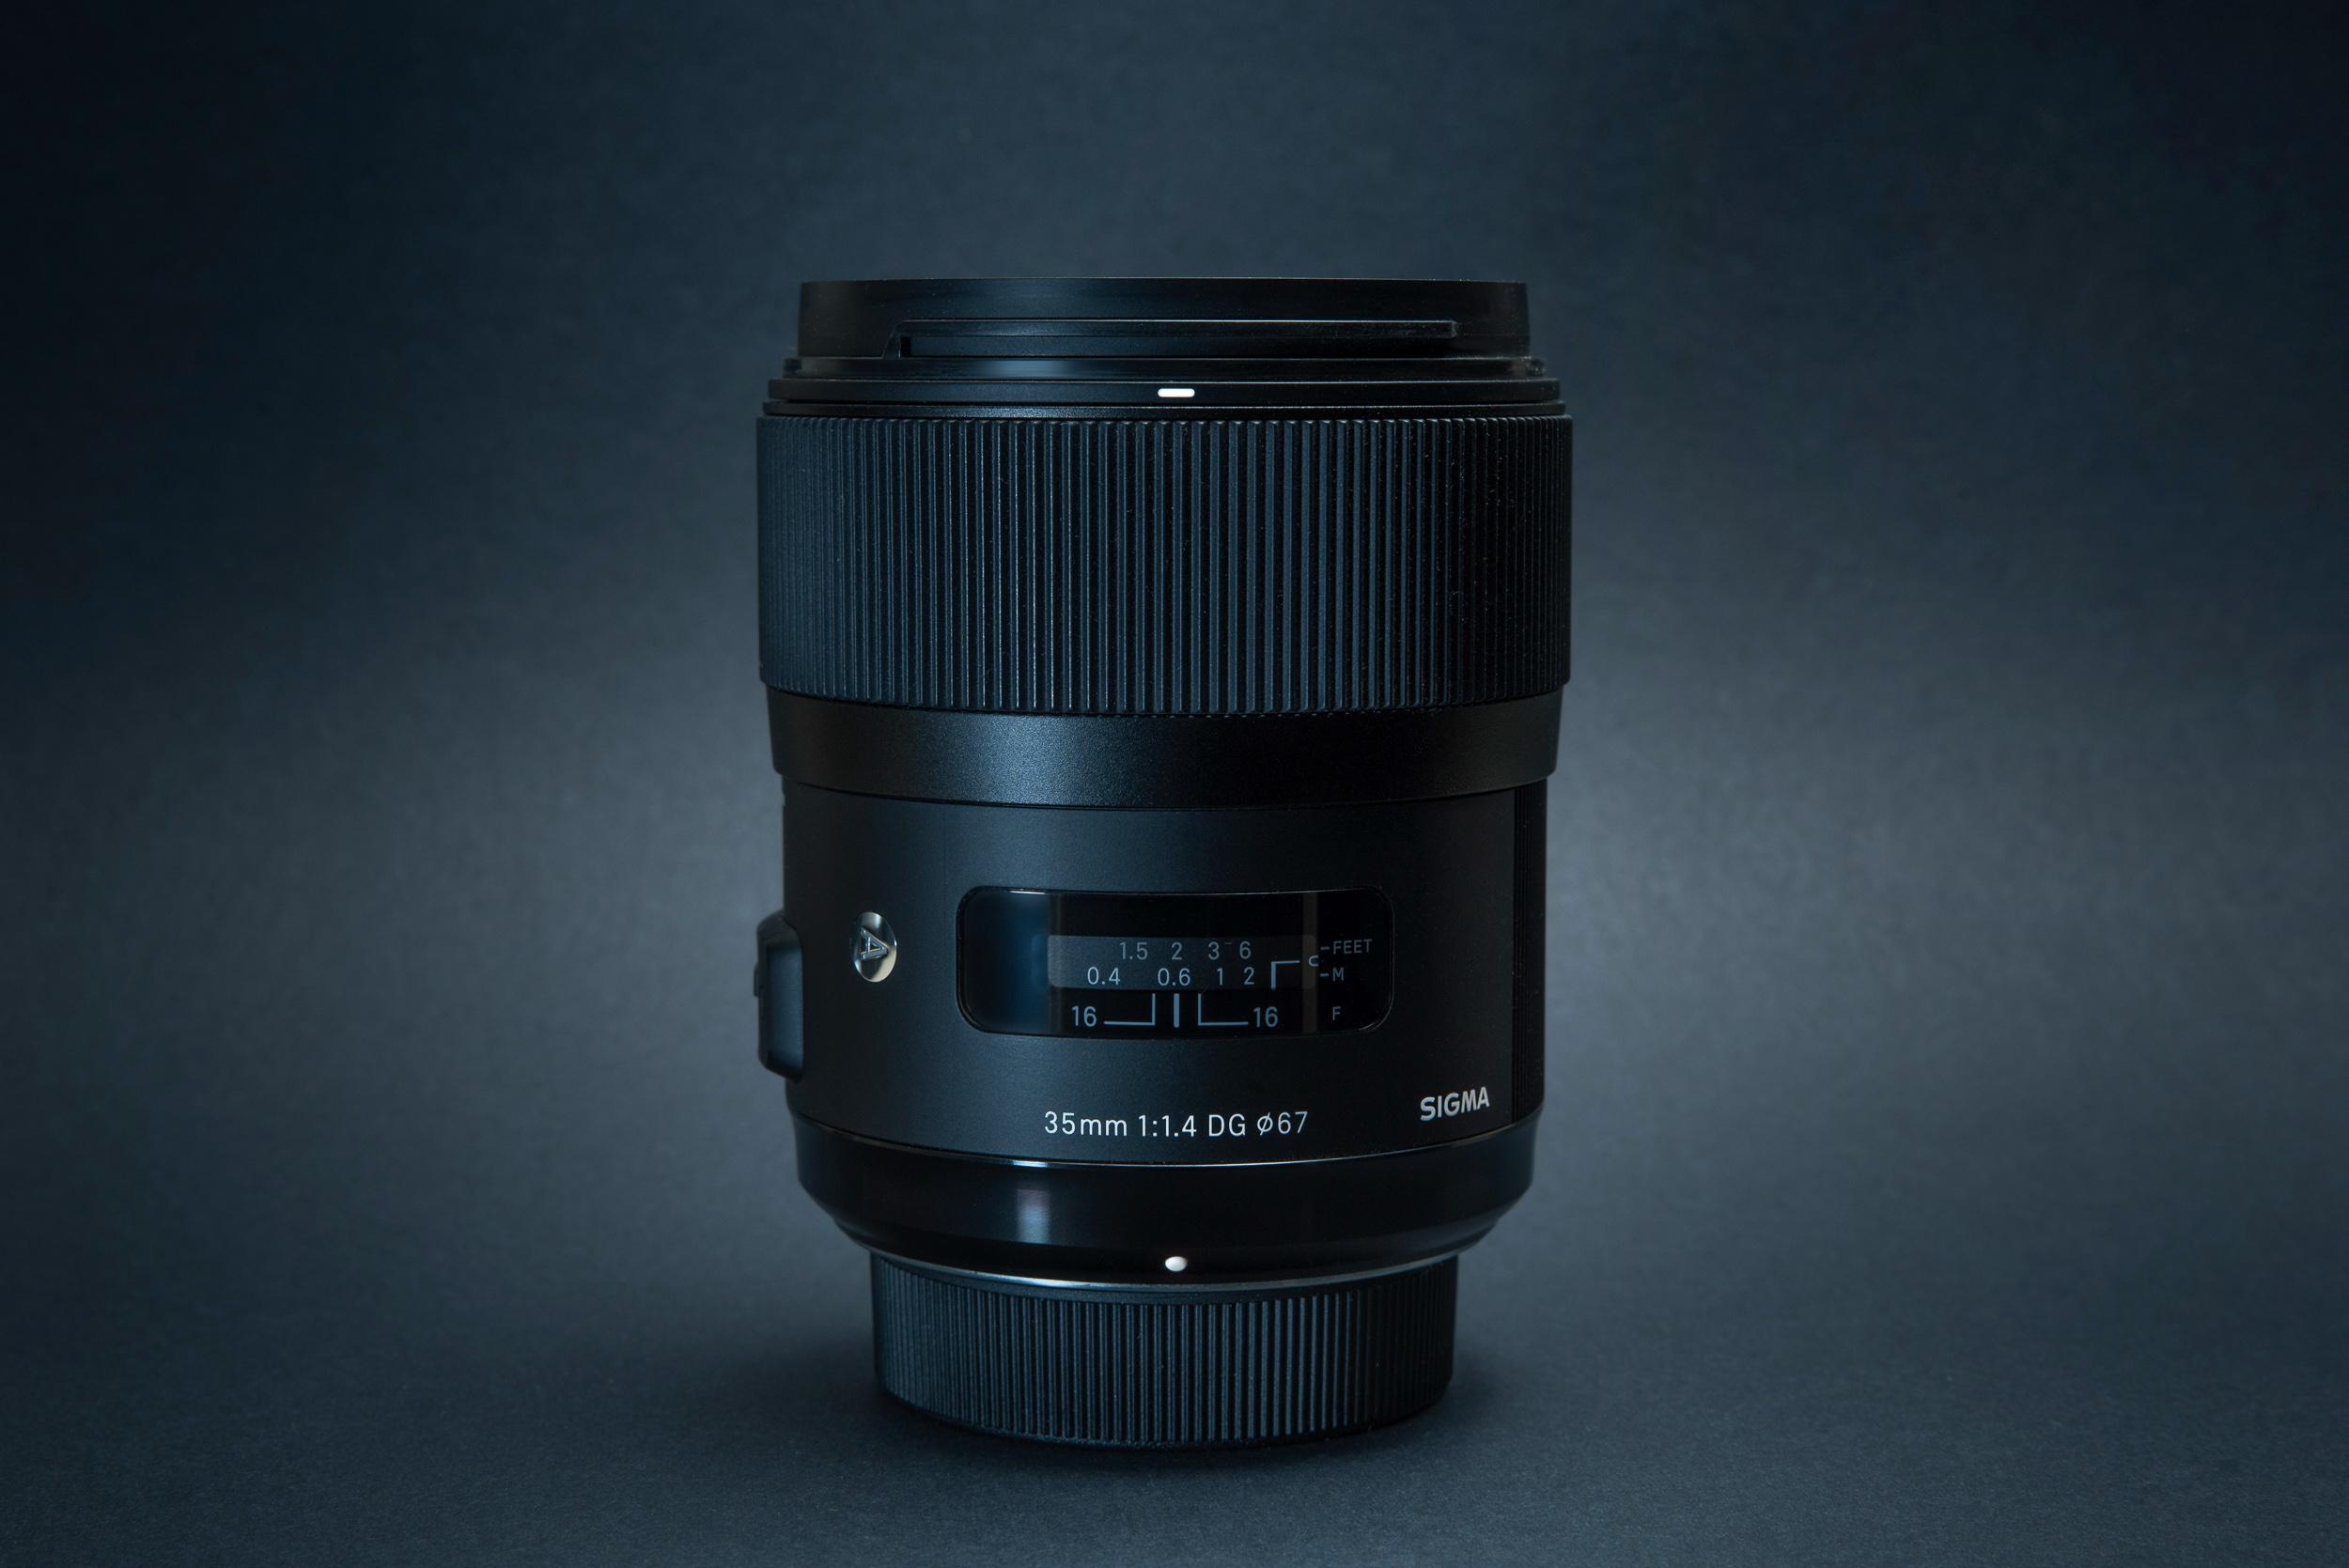 Xác nhận ống kính Sigma 35mm F1.4 DG DN Art mới cho Sony ngàm E và L